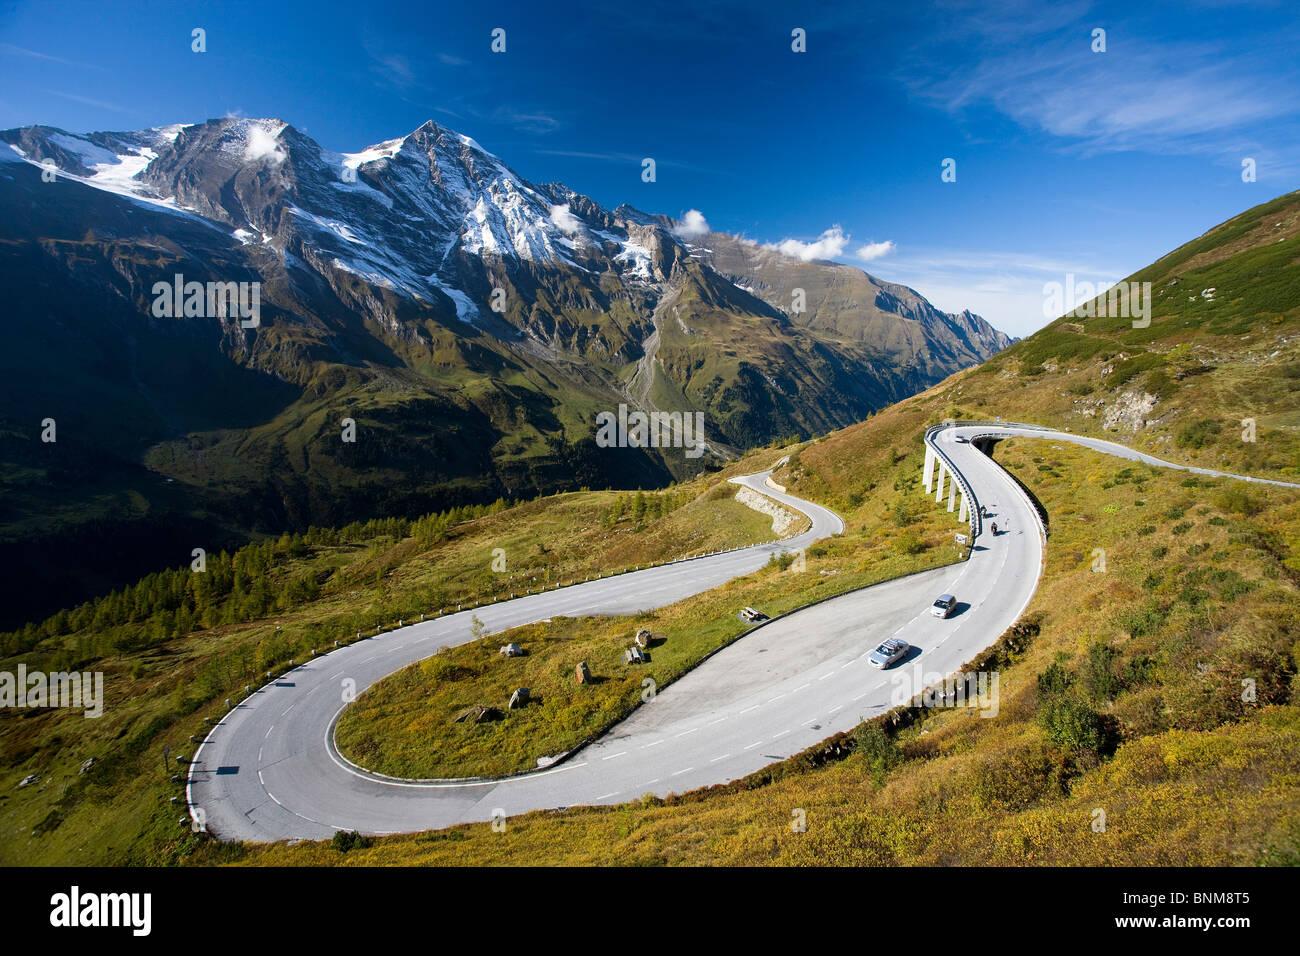 Autriche Grossglockner pass pass montagne alpes sepentines Haut Tauern les jours fériés, Photo Stock